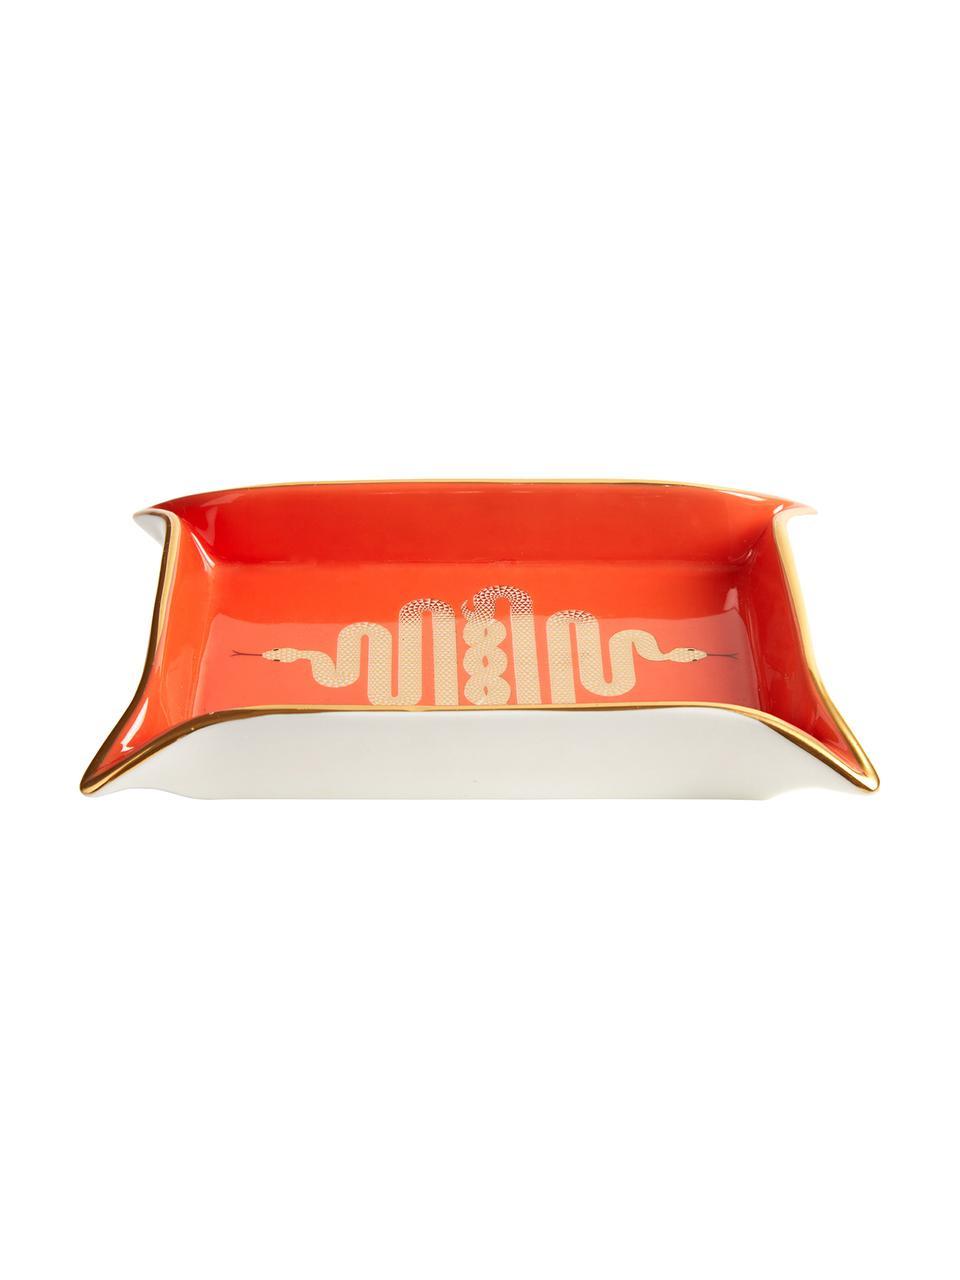 Miska z porcelany Snake, Porcelana, pozłacane akcenty, Wewnątrz: pomarańczowy, złoty Na zewnątrz: biały, 18 x 13 cm